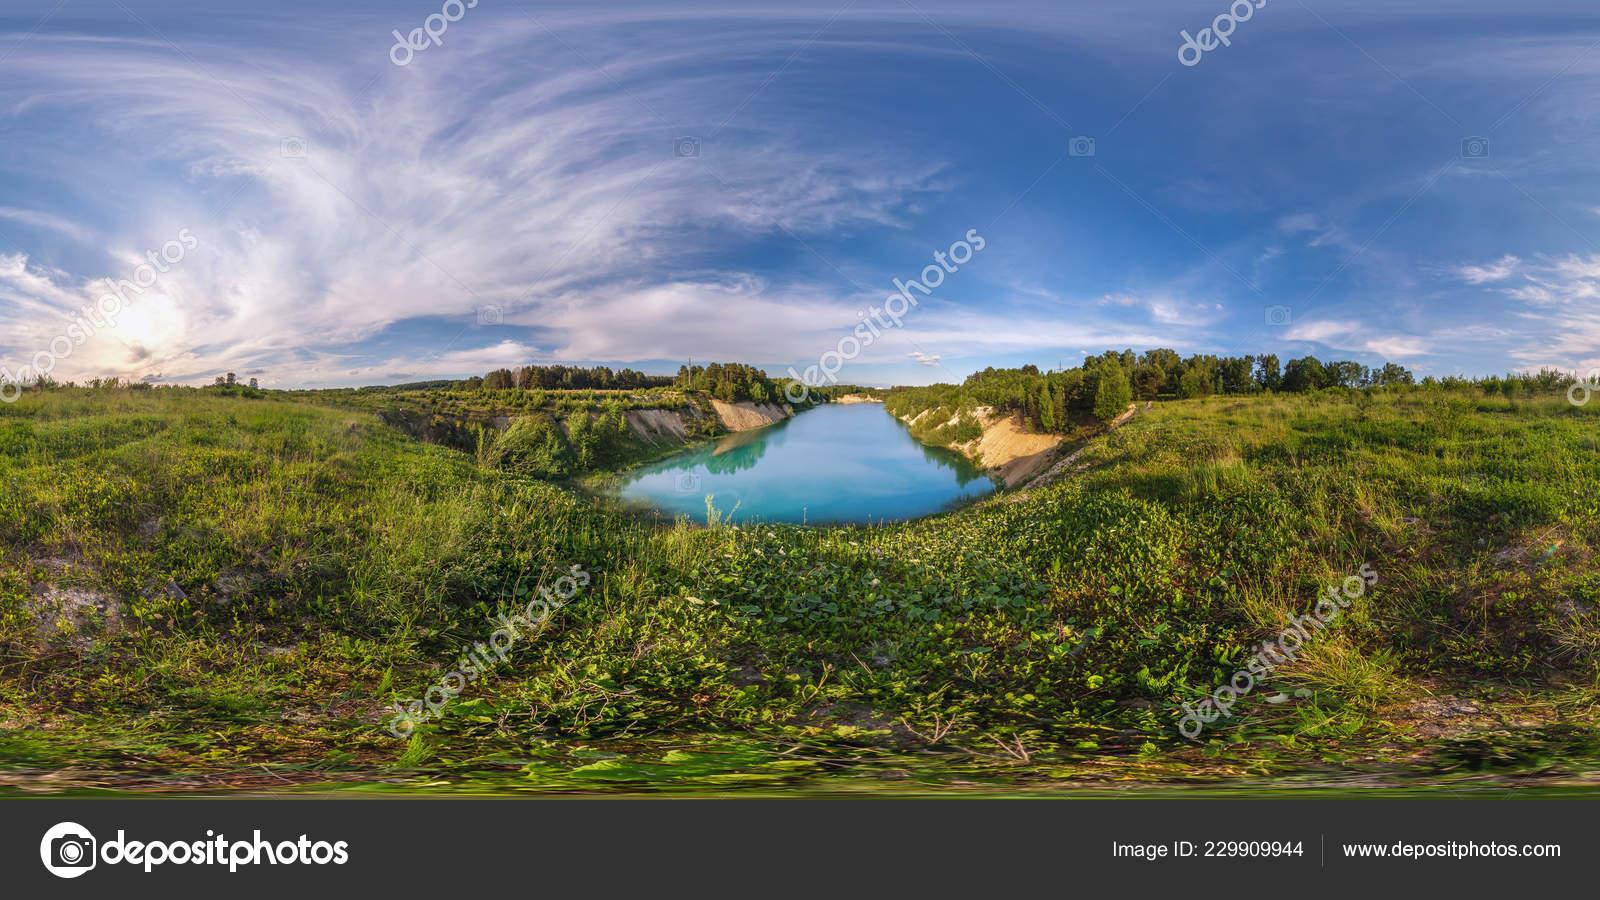 Equirectangular panorama | Full 360 Degree Seamless Panorama